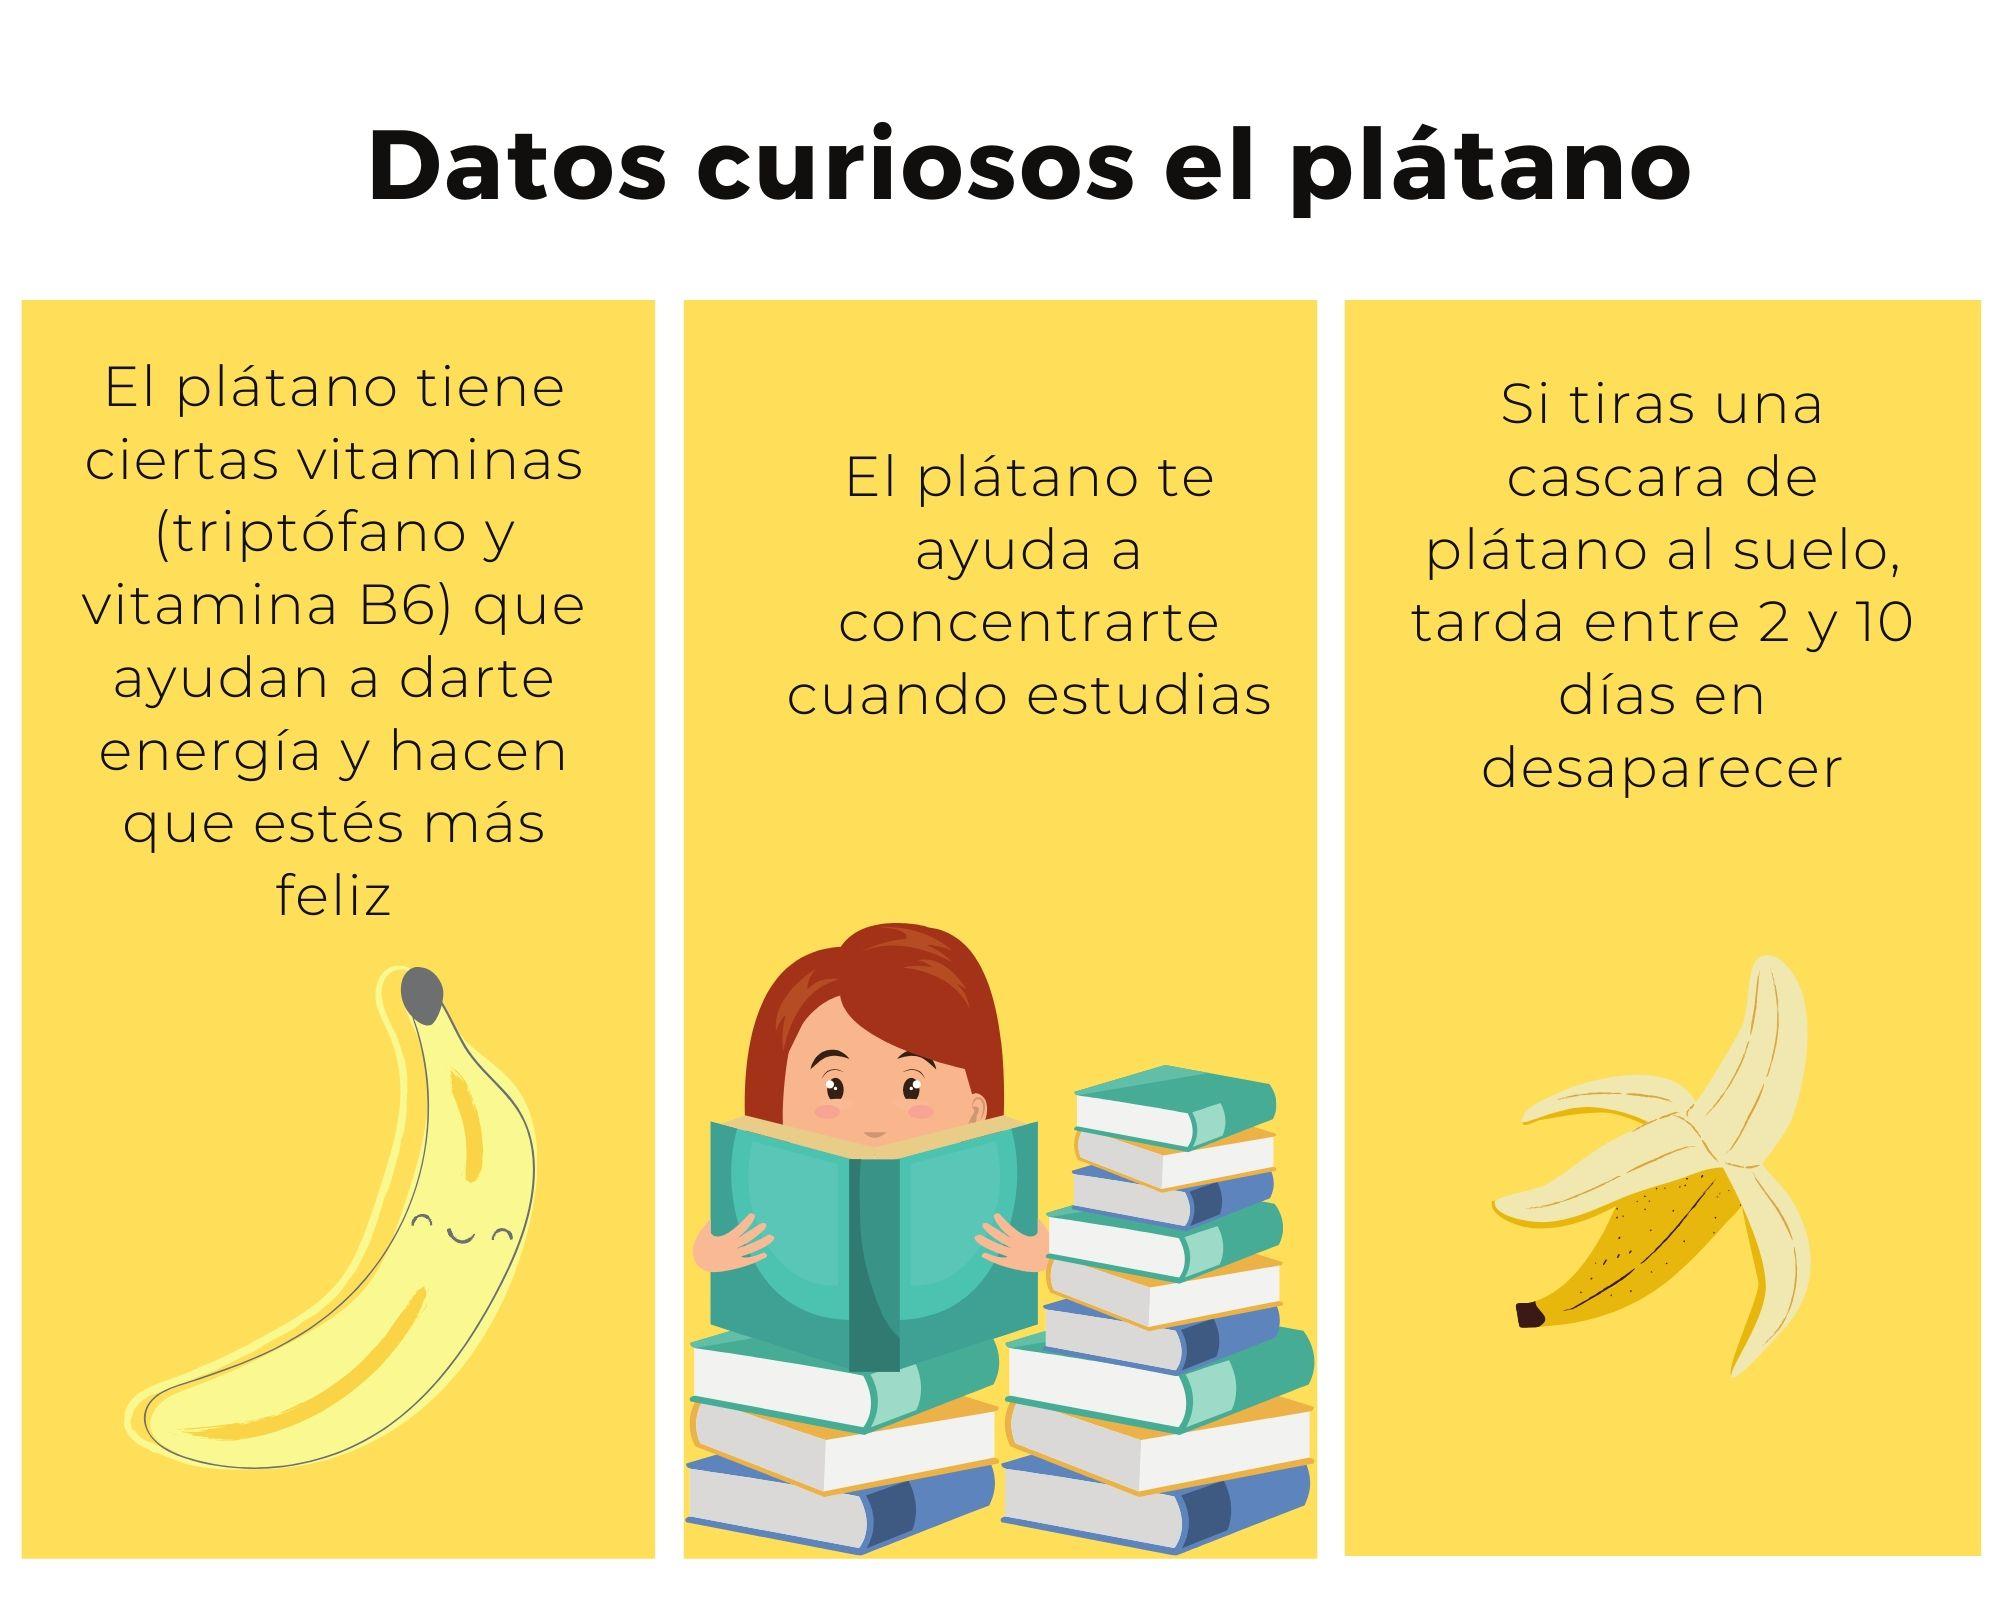 Datos curiosos sobre el plátano